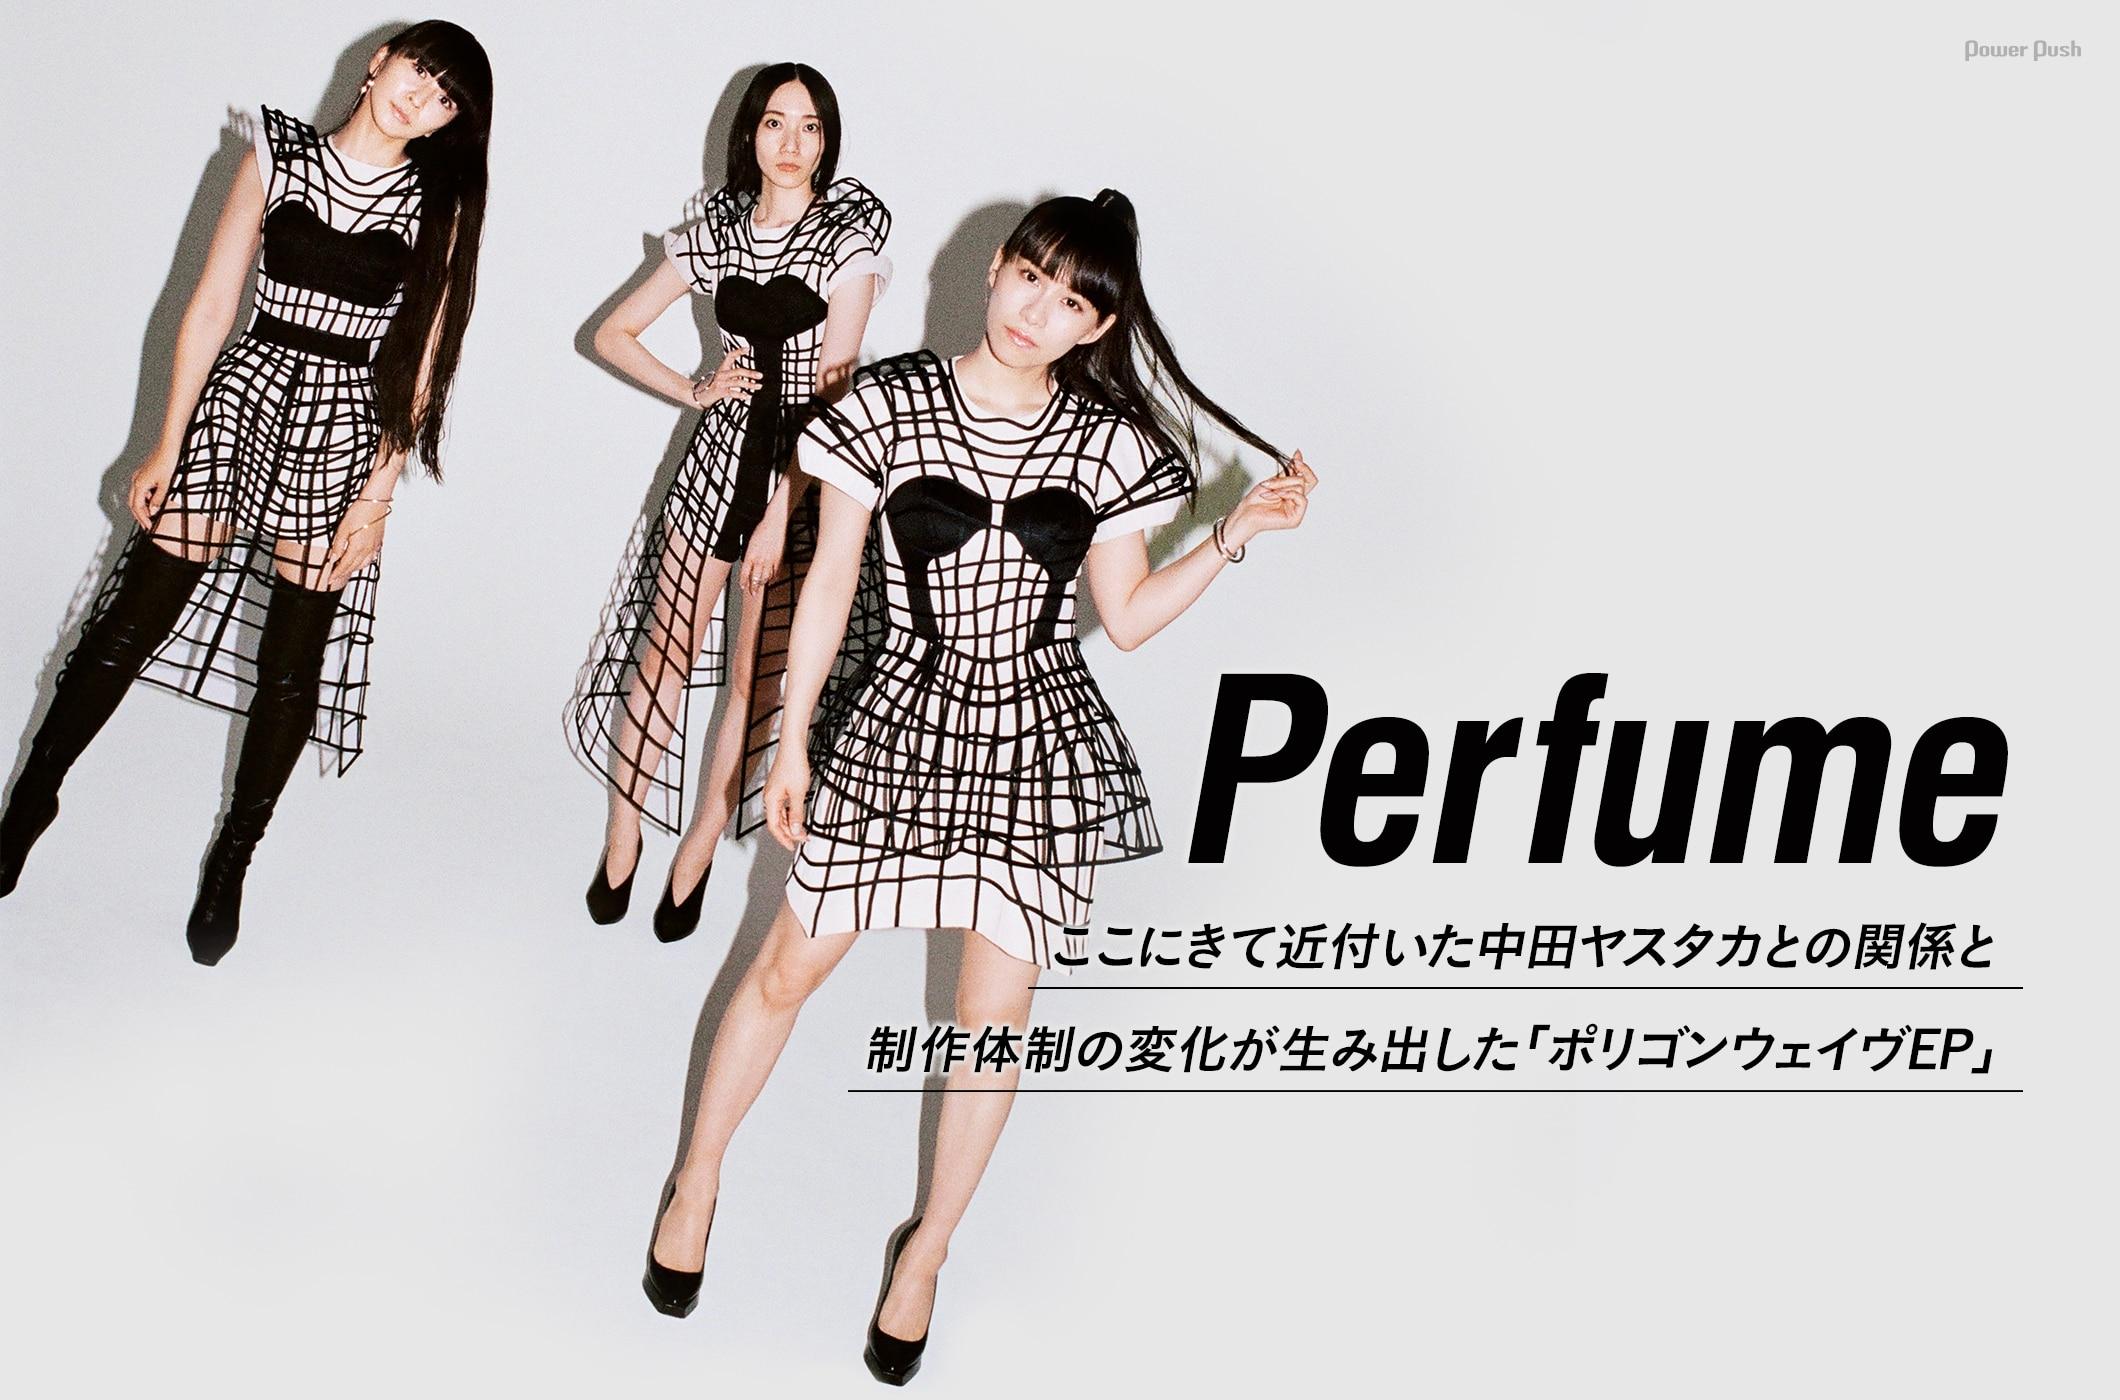 Perfumeロングインタビュー ここにきて近付いた中田ヤスタカとの関係と、制作体制の変化が生み出した「ポリゴンウェイヴEP」